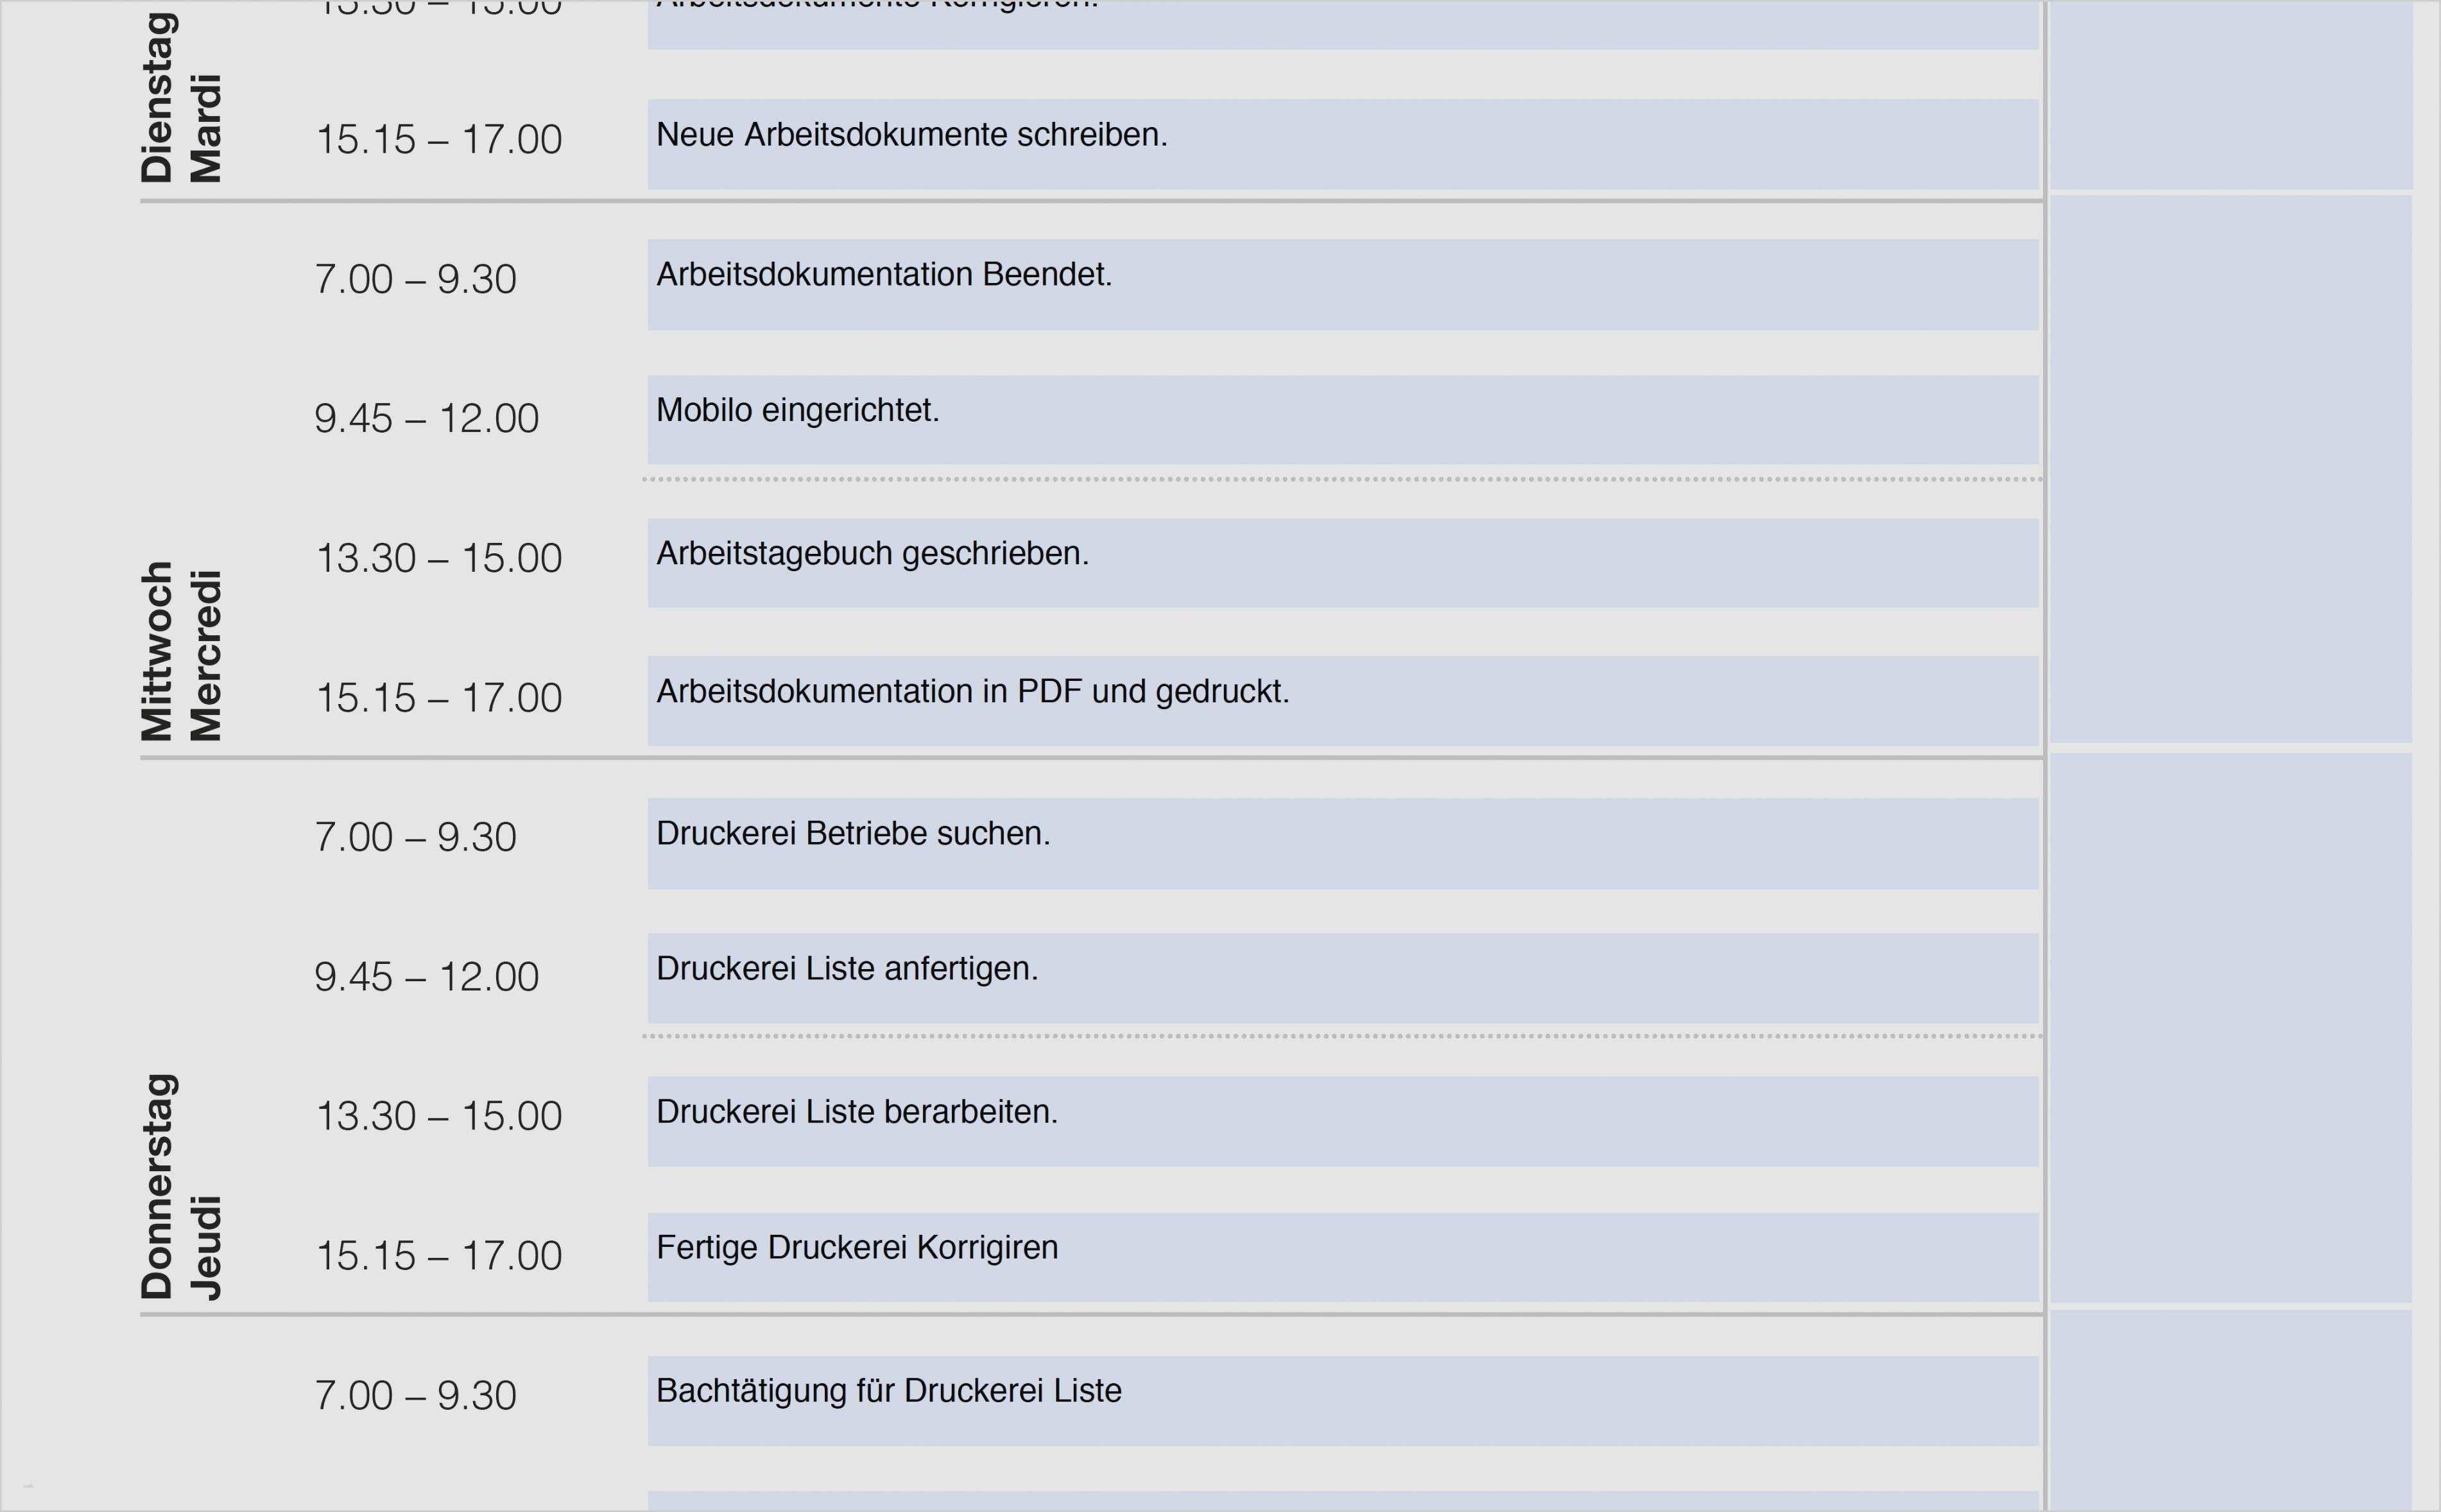 Erstaunlich Praktikumsbericht Tagesbericht Vorlage Praktikumsbericht Flugblatt Design Vorlagen